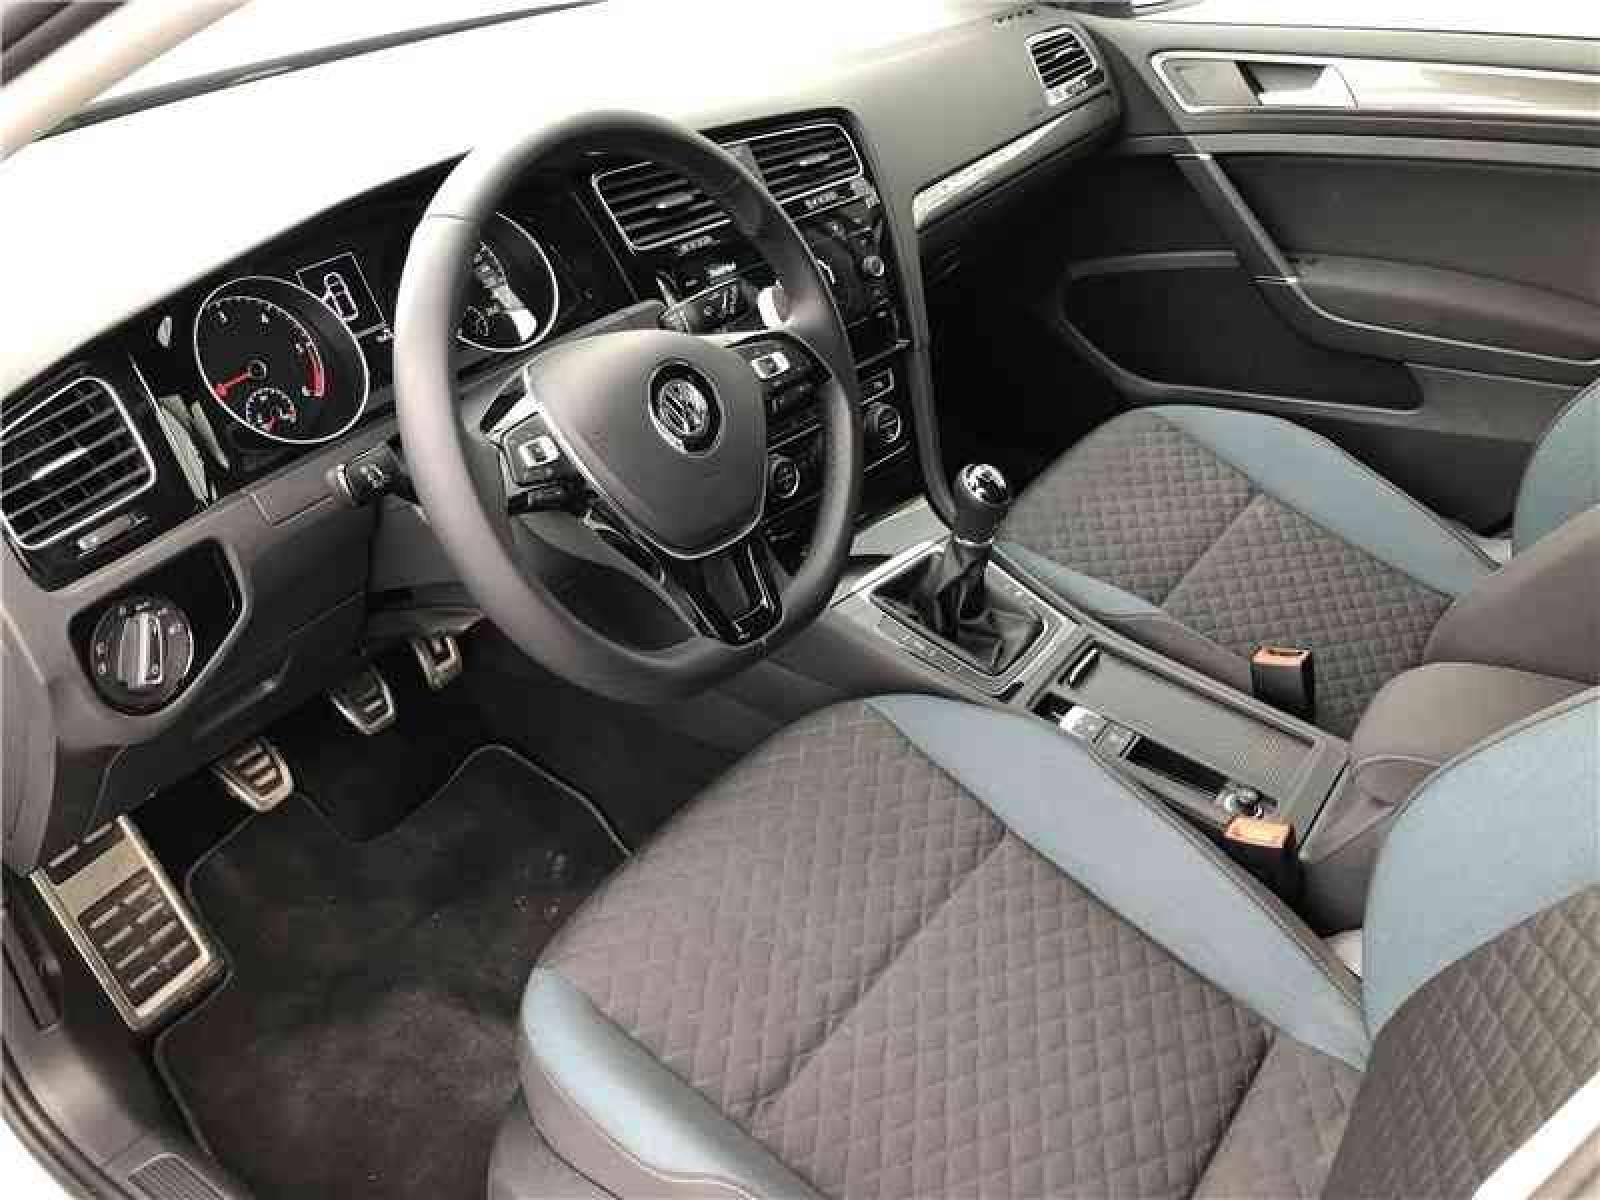 VOLKSWAGEN Golf 1.6 TDI 115 FAP BVM5 - véhicule d'occasion - LEMAUVIEL AUTOMOBILES - Présentation site web V2 - Lemauviel automobiles - AVRANCHES - 50300 - LE VAL-SAINT-PÈRE - 7